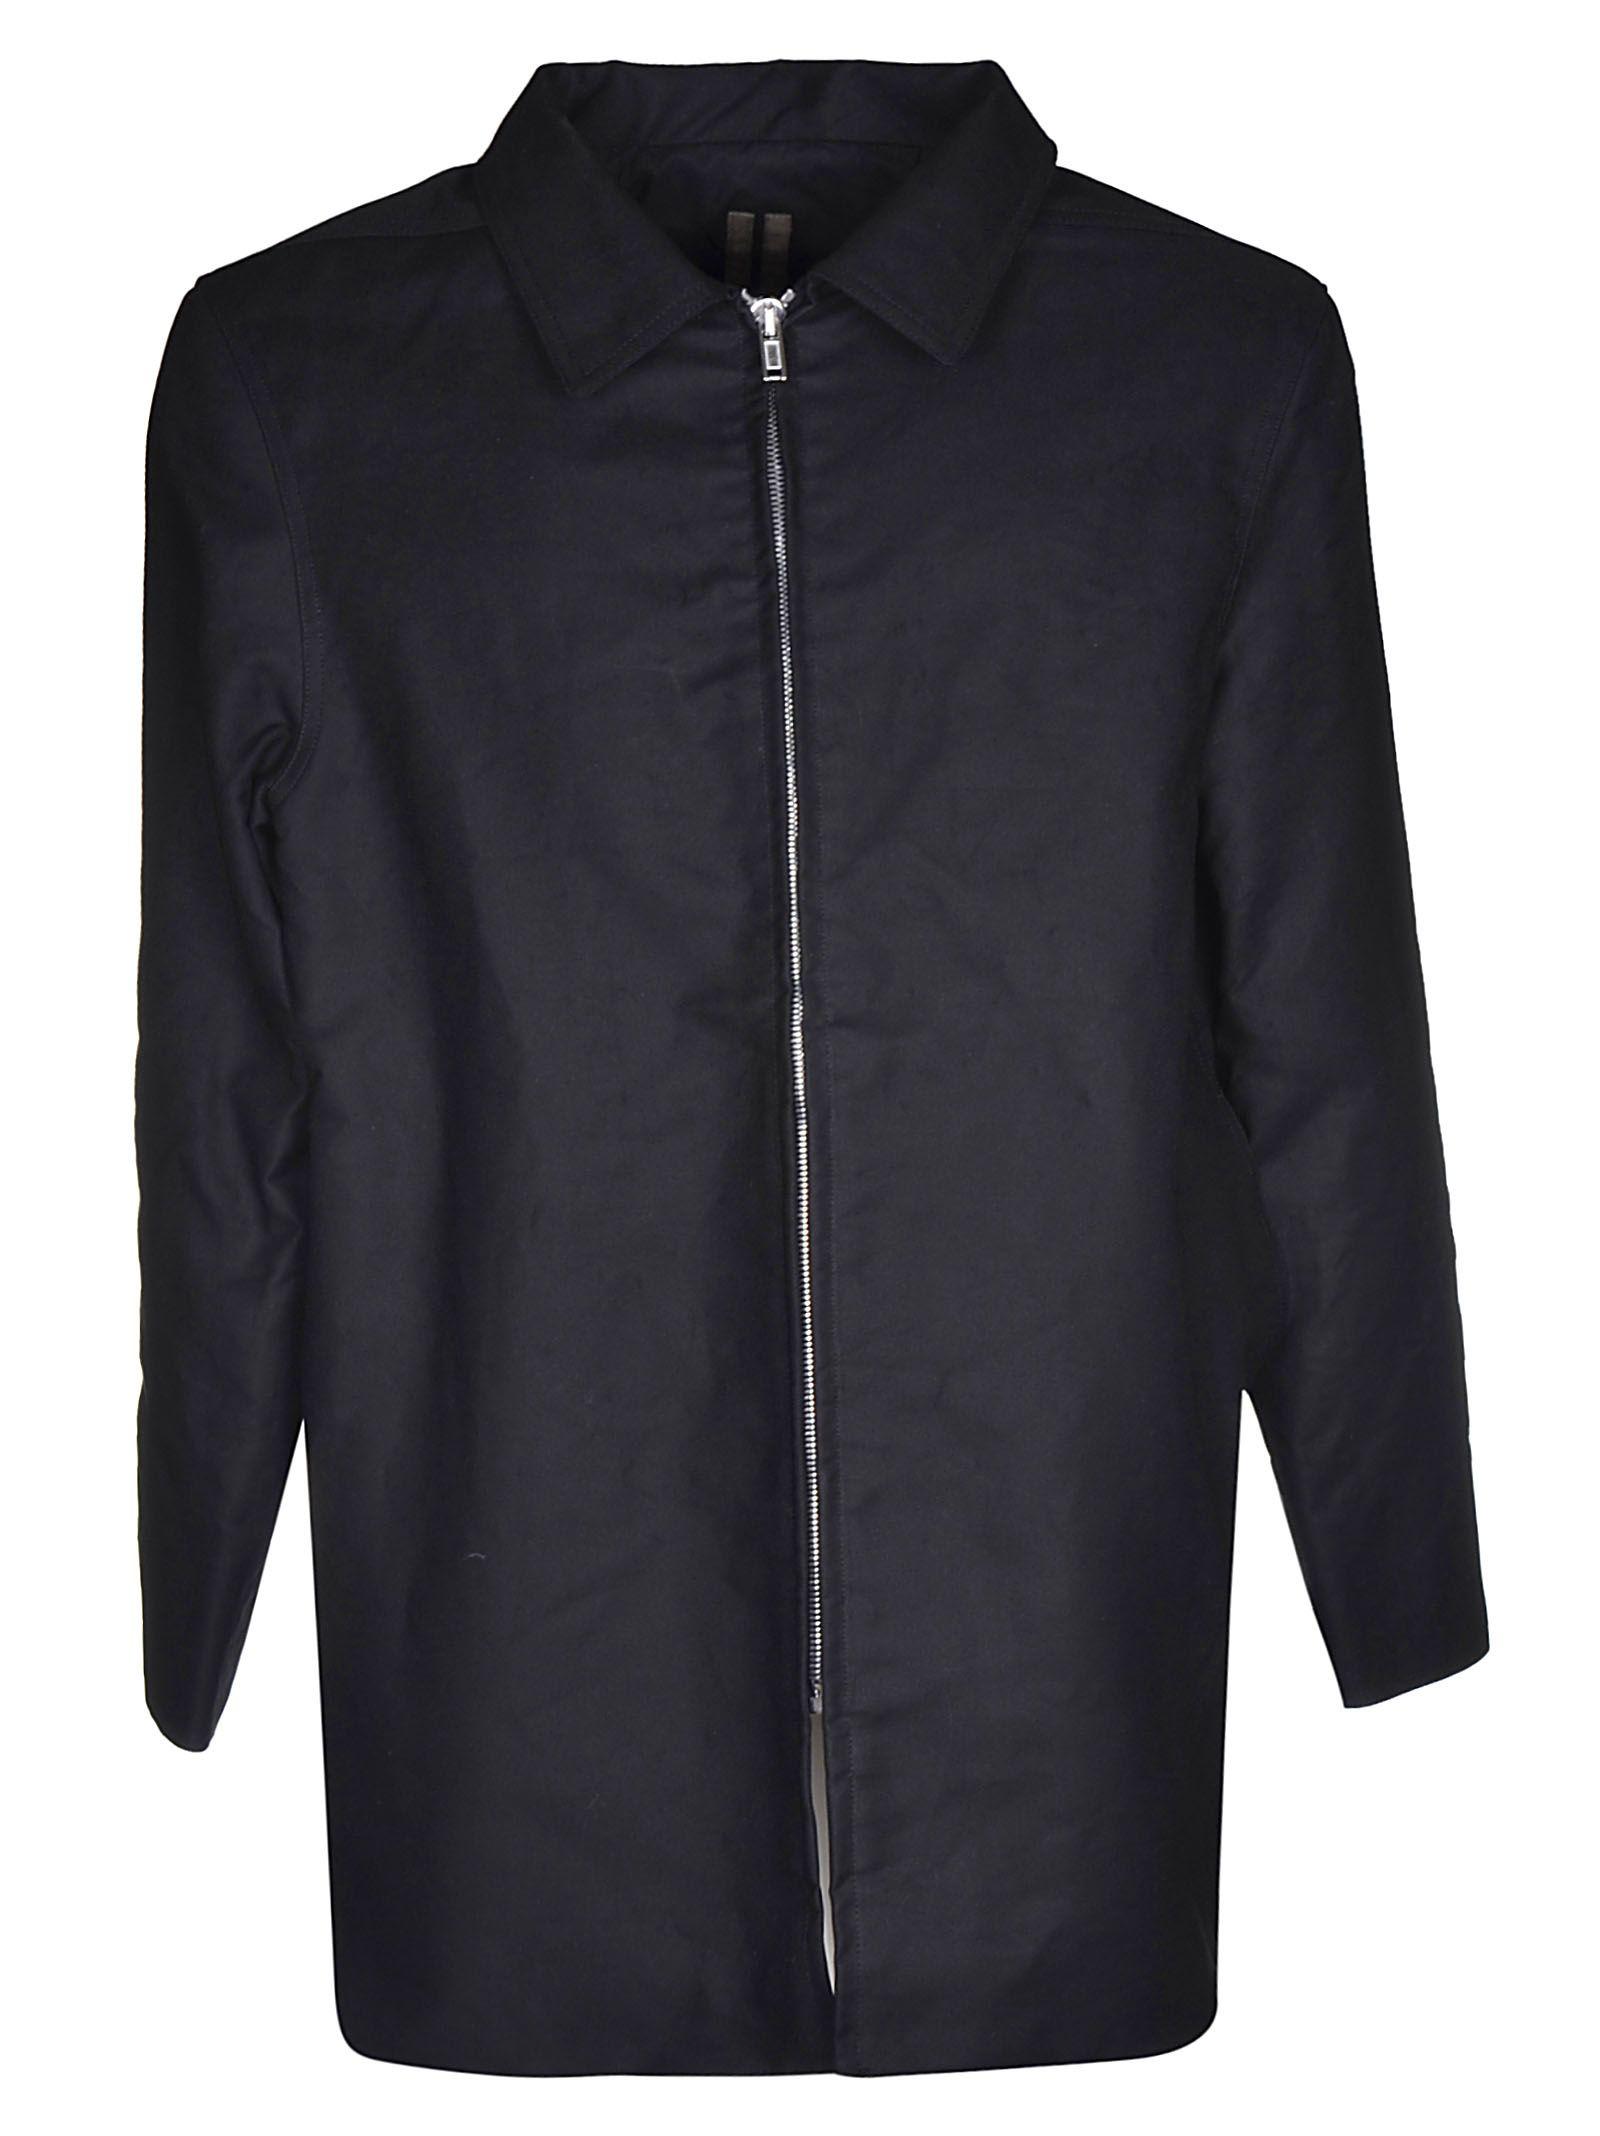 DRKSHDW Drkshdw Zipped Shirt Coat in Black